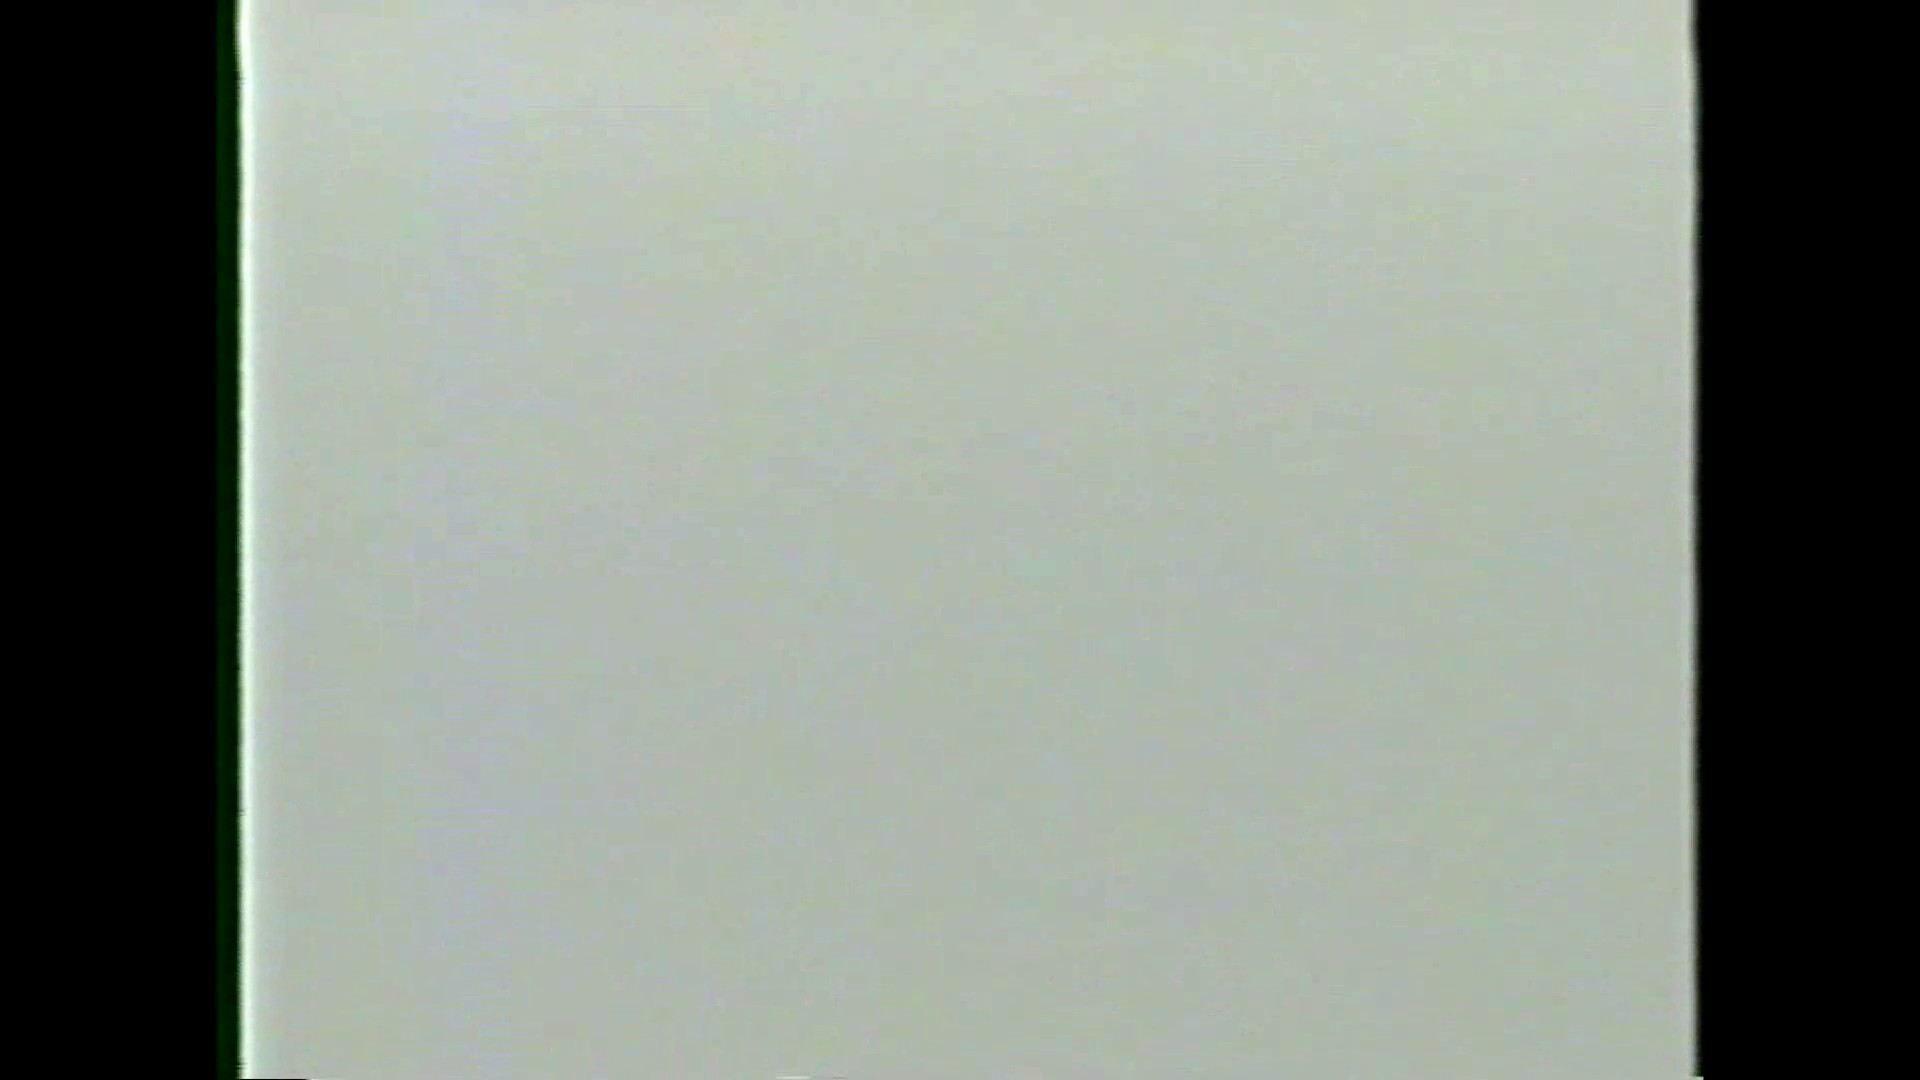 GAYBOY宏のオカズ倉庫Vol.3-4 モ無し エロビデオ紹介 113枚 91